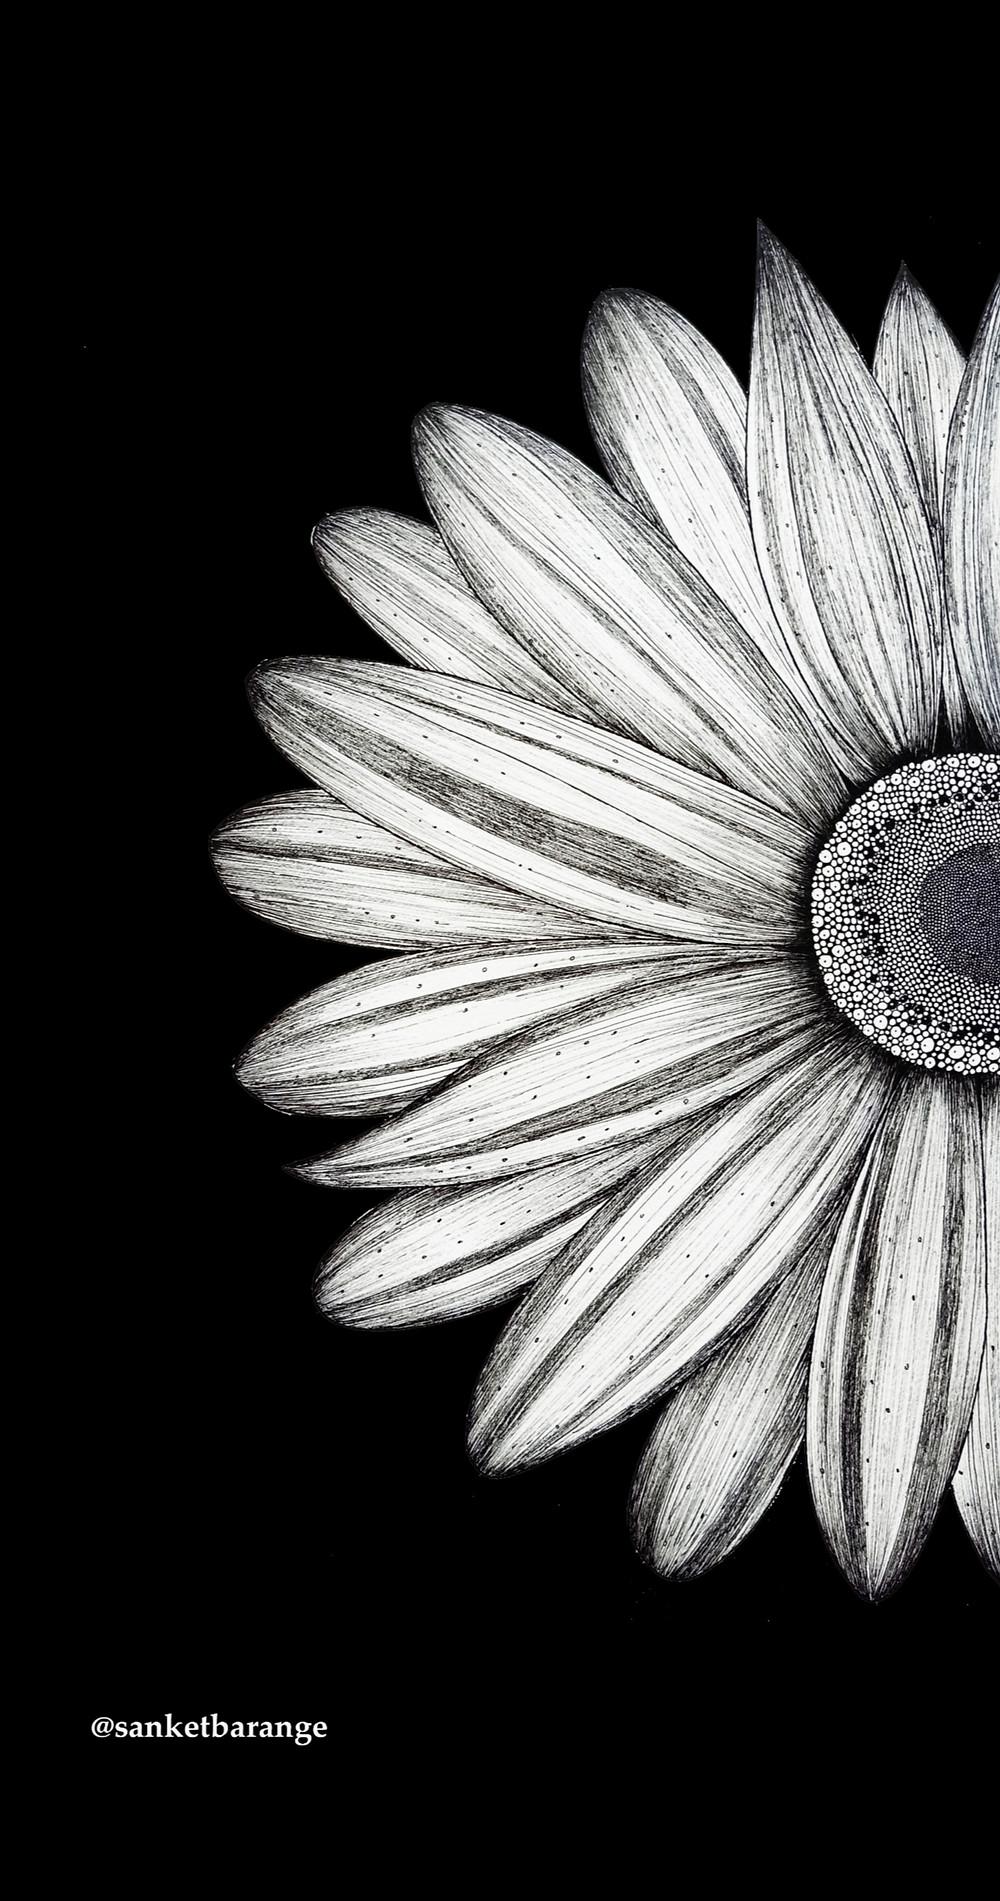 sunflower wallpaper ,black and white wallpaper ,suflower,artist wallpaper